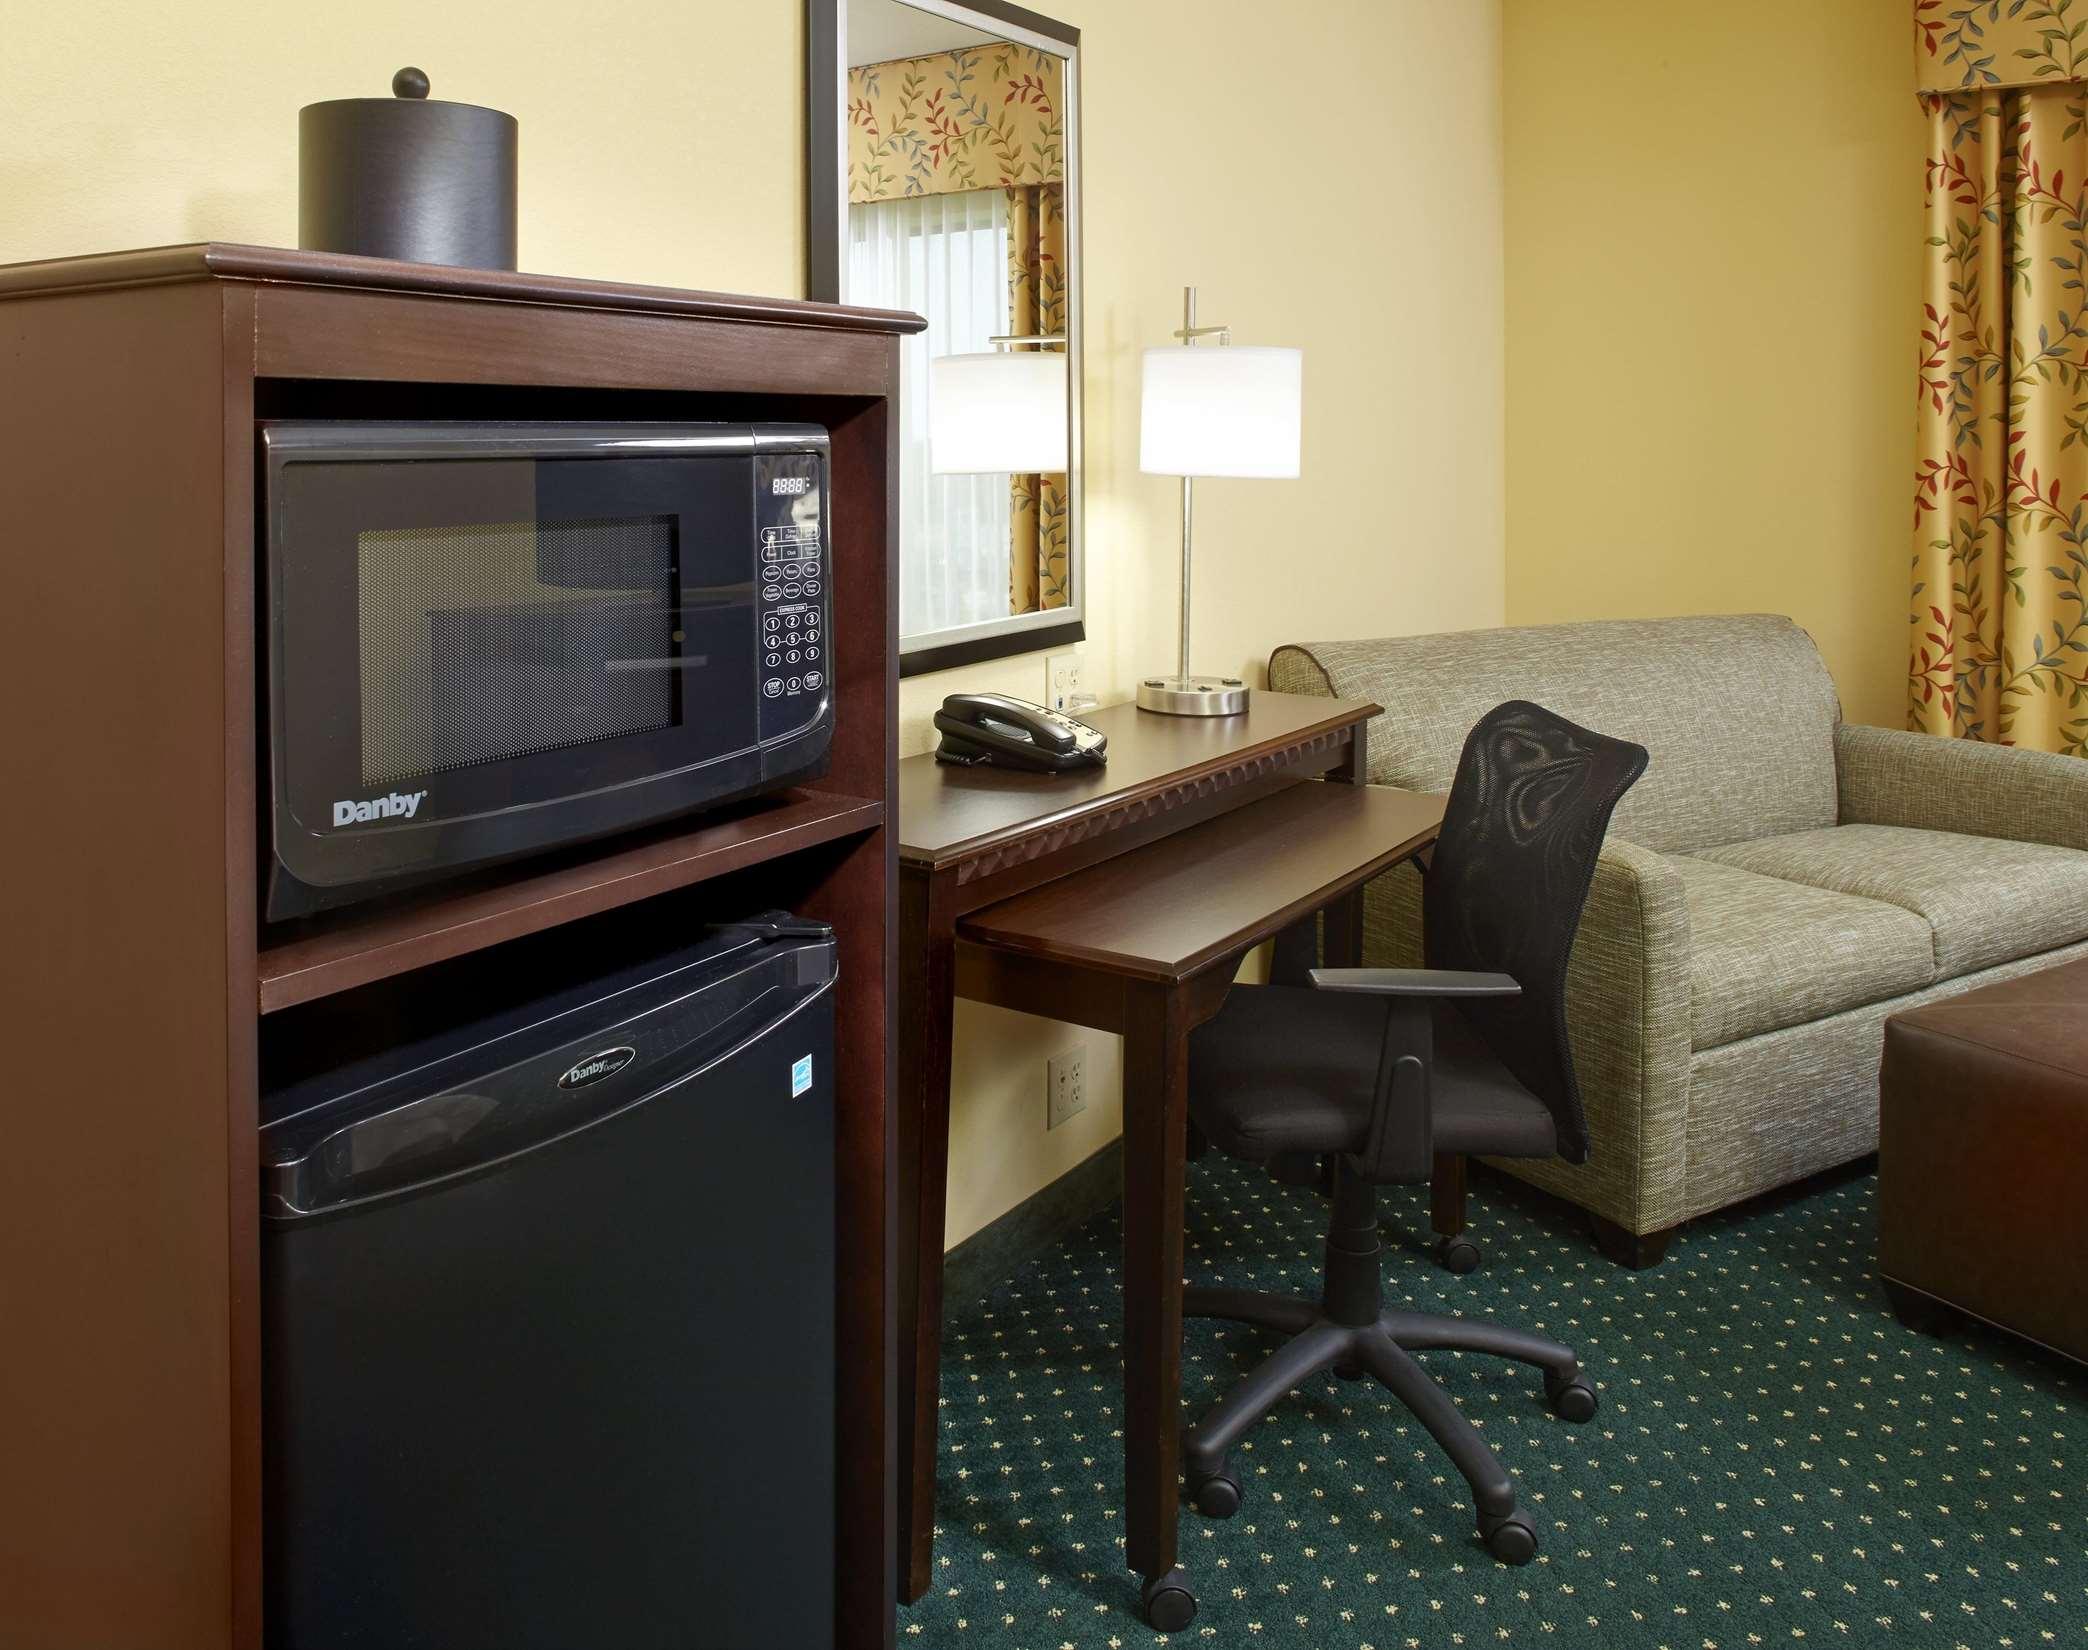 Hampton Inn & Suites Clearwater/St. Petersburg-Ulmerton Road, FL image 18